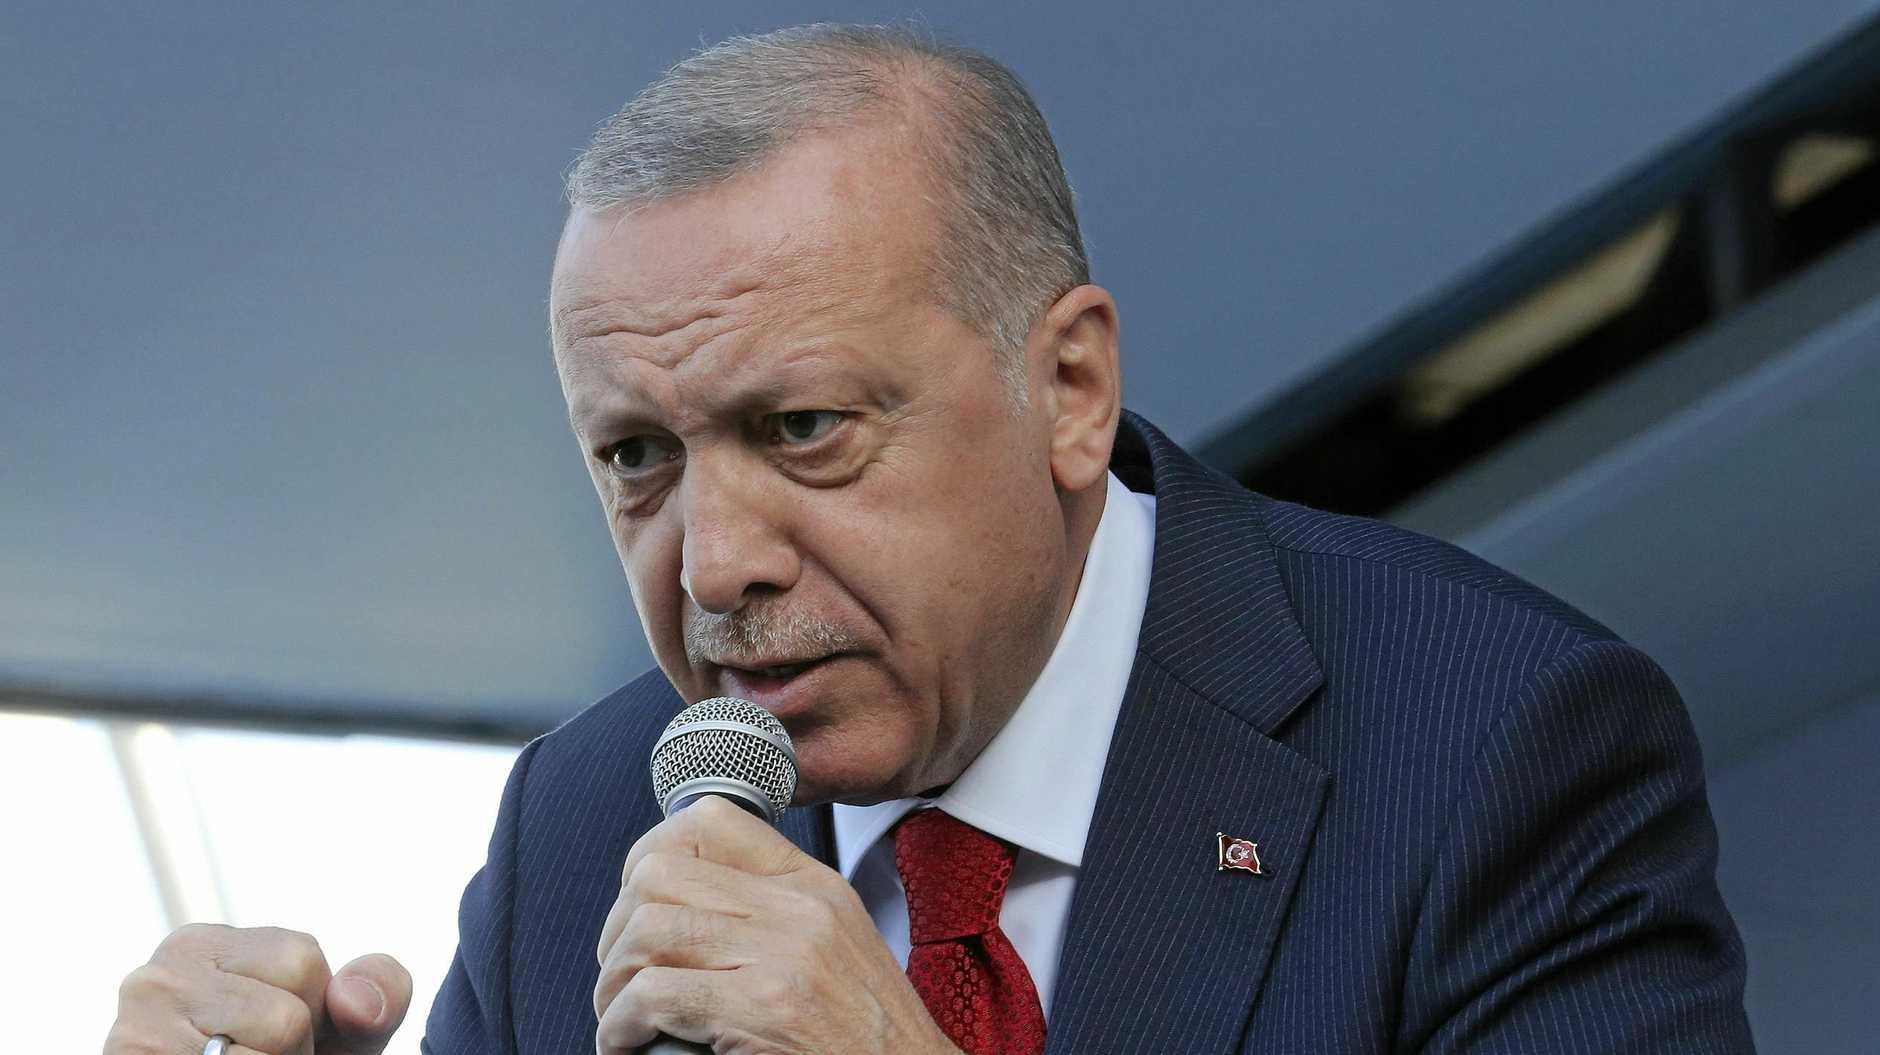 SHAME: Turkey's President Recep Tayyip Erdogan.